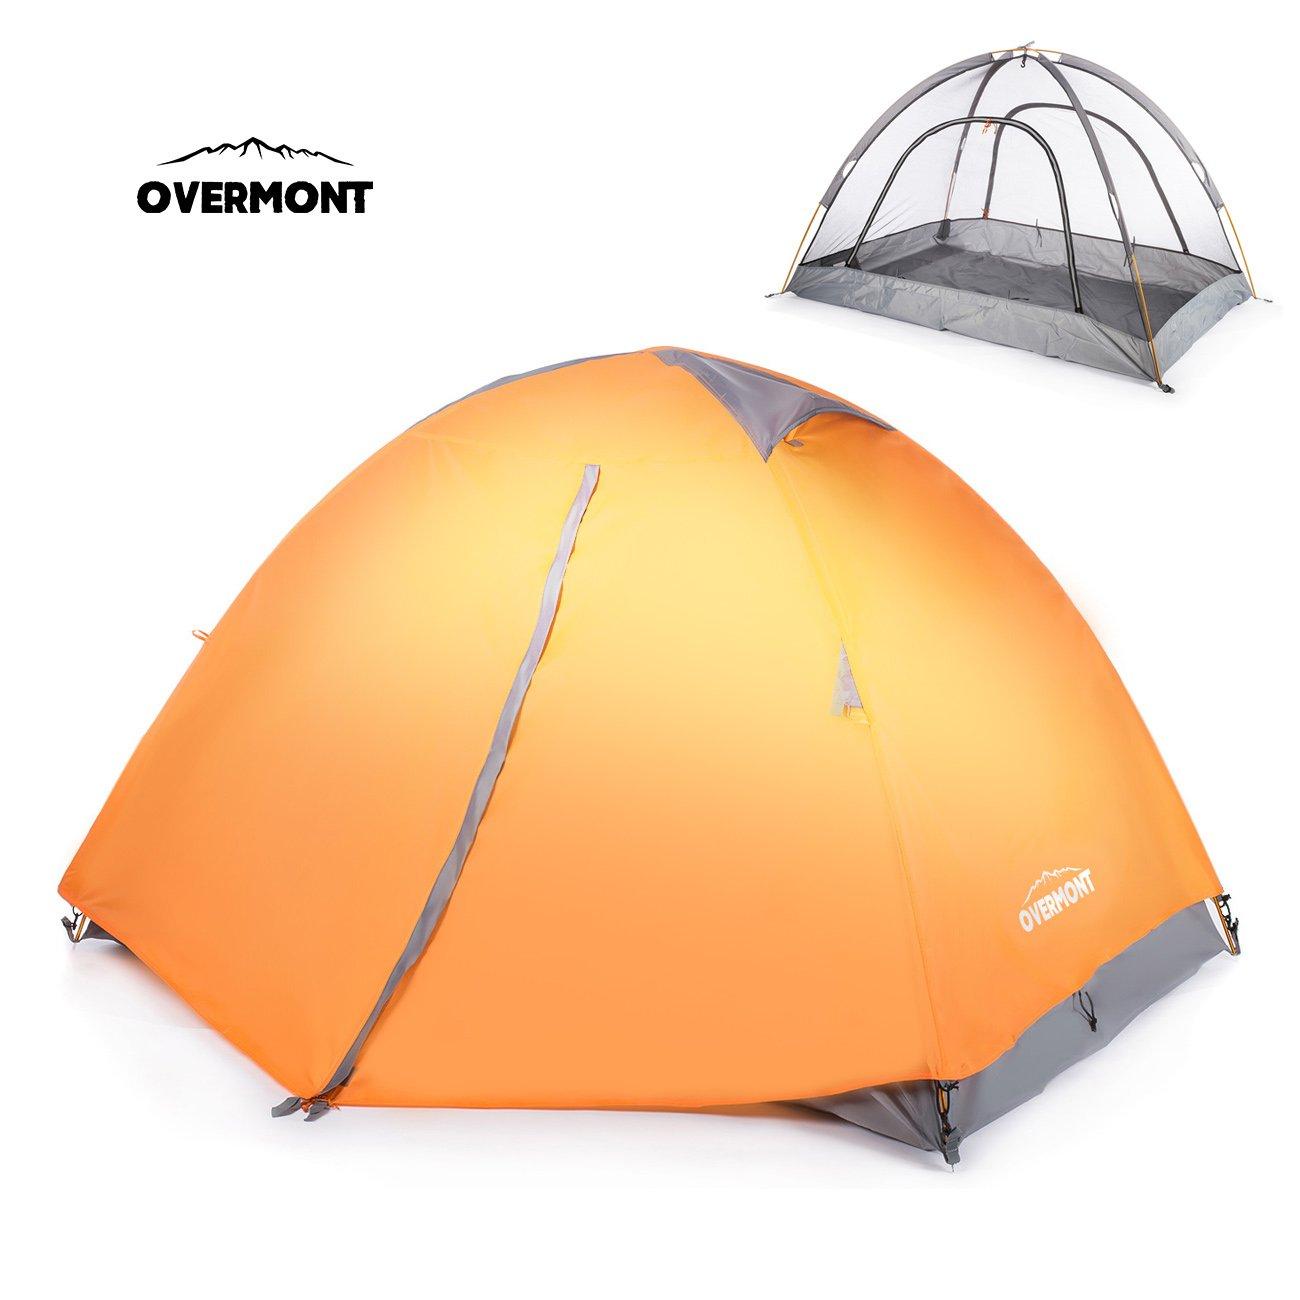 Overmont Tienda de campaña iglú familiar impermeable, 1-2 personas, 4 temporadas, 210*140*115cm, con doble capa y mosquitera